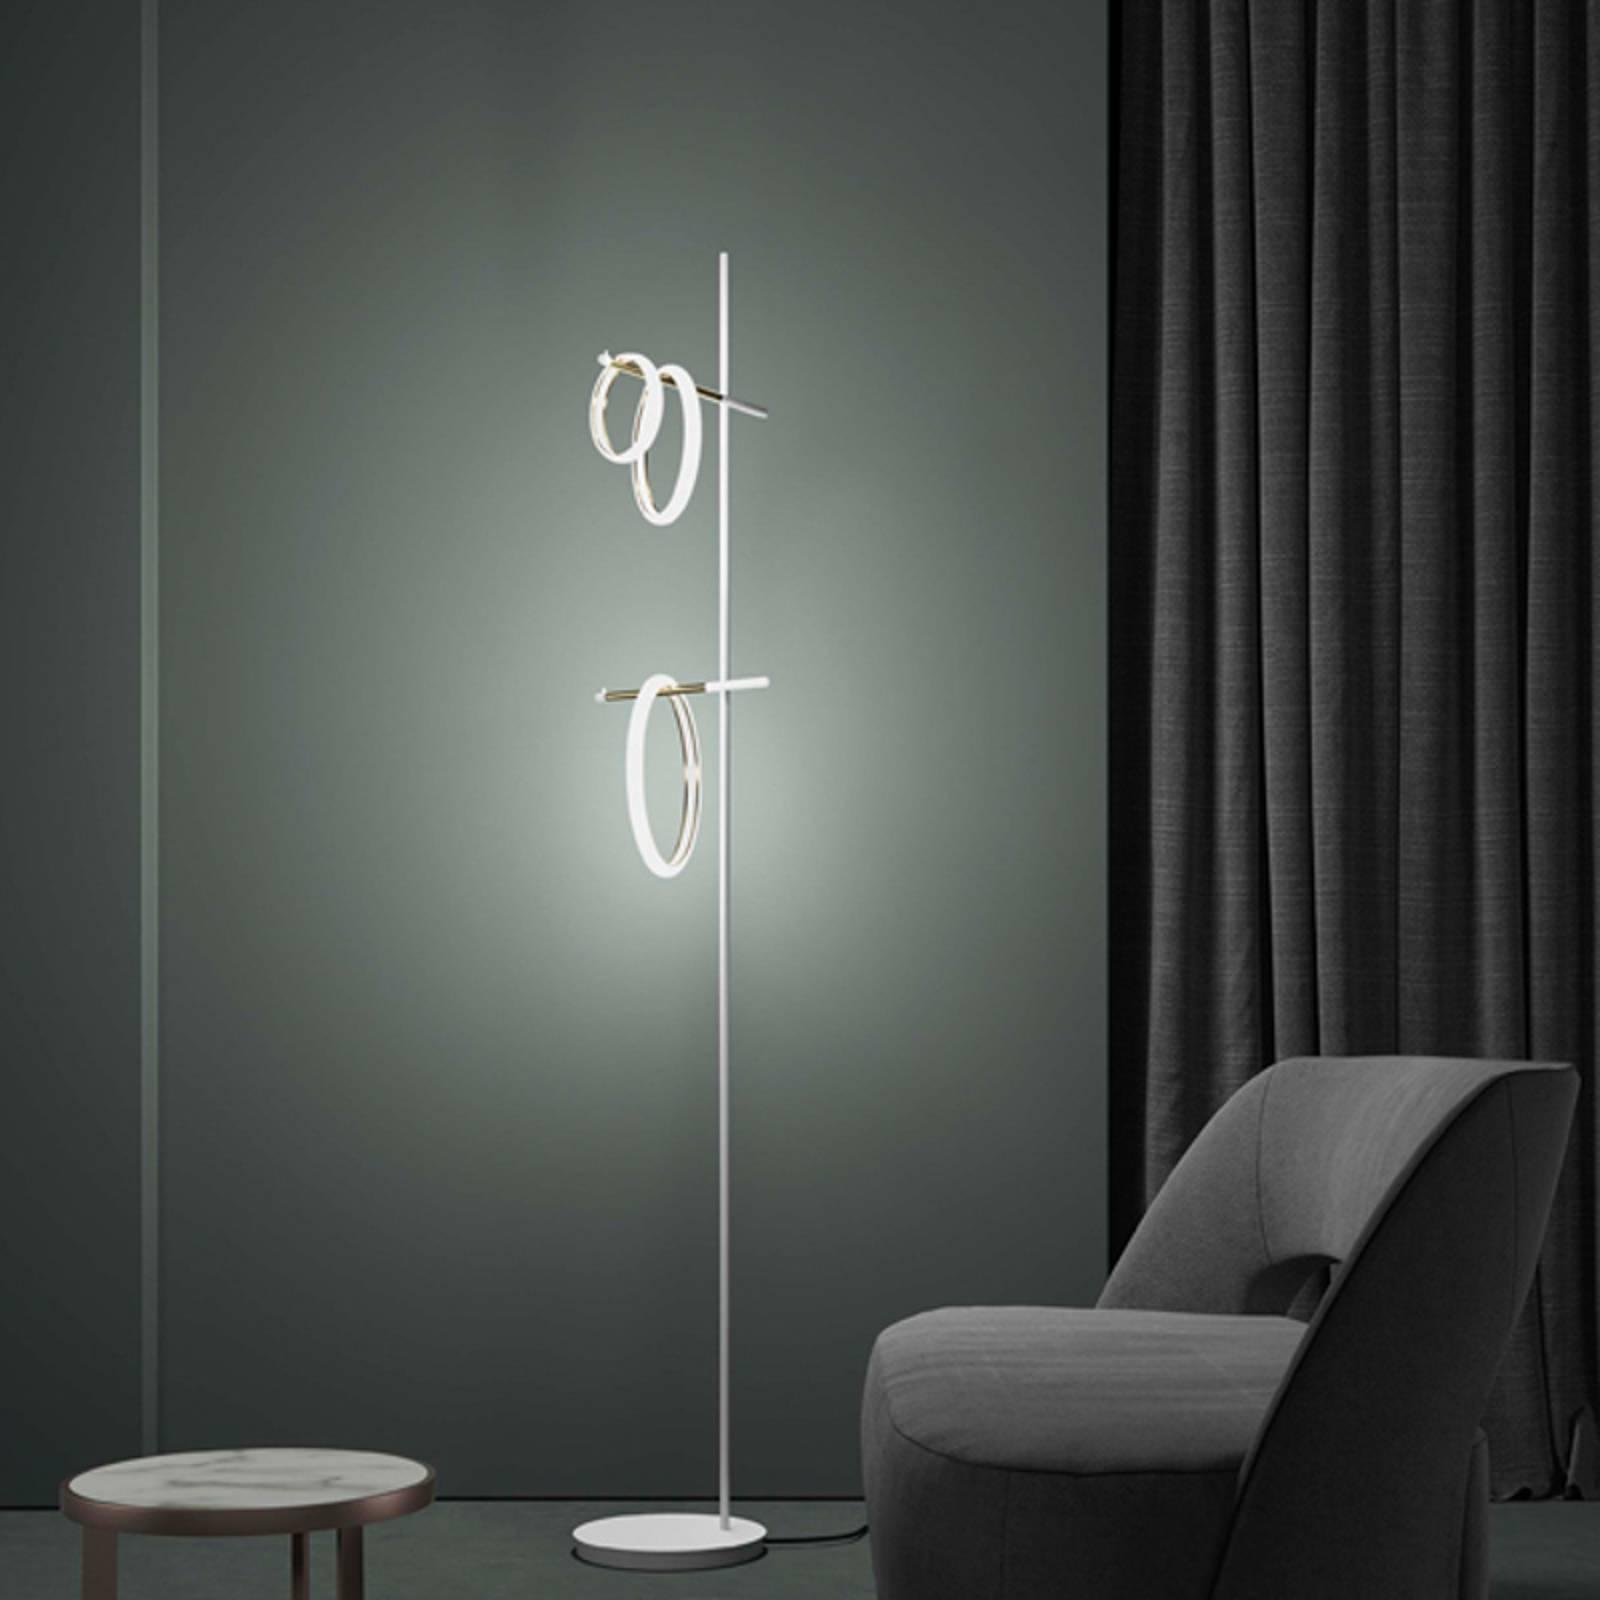 LED-Stehleuchte Ulaop, drei Ringe, weiß